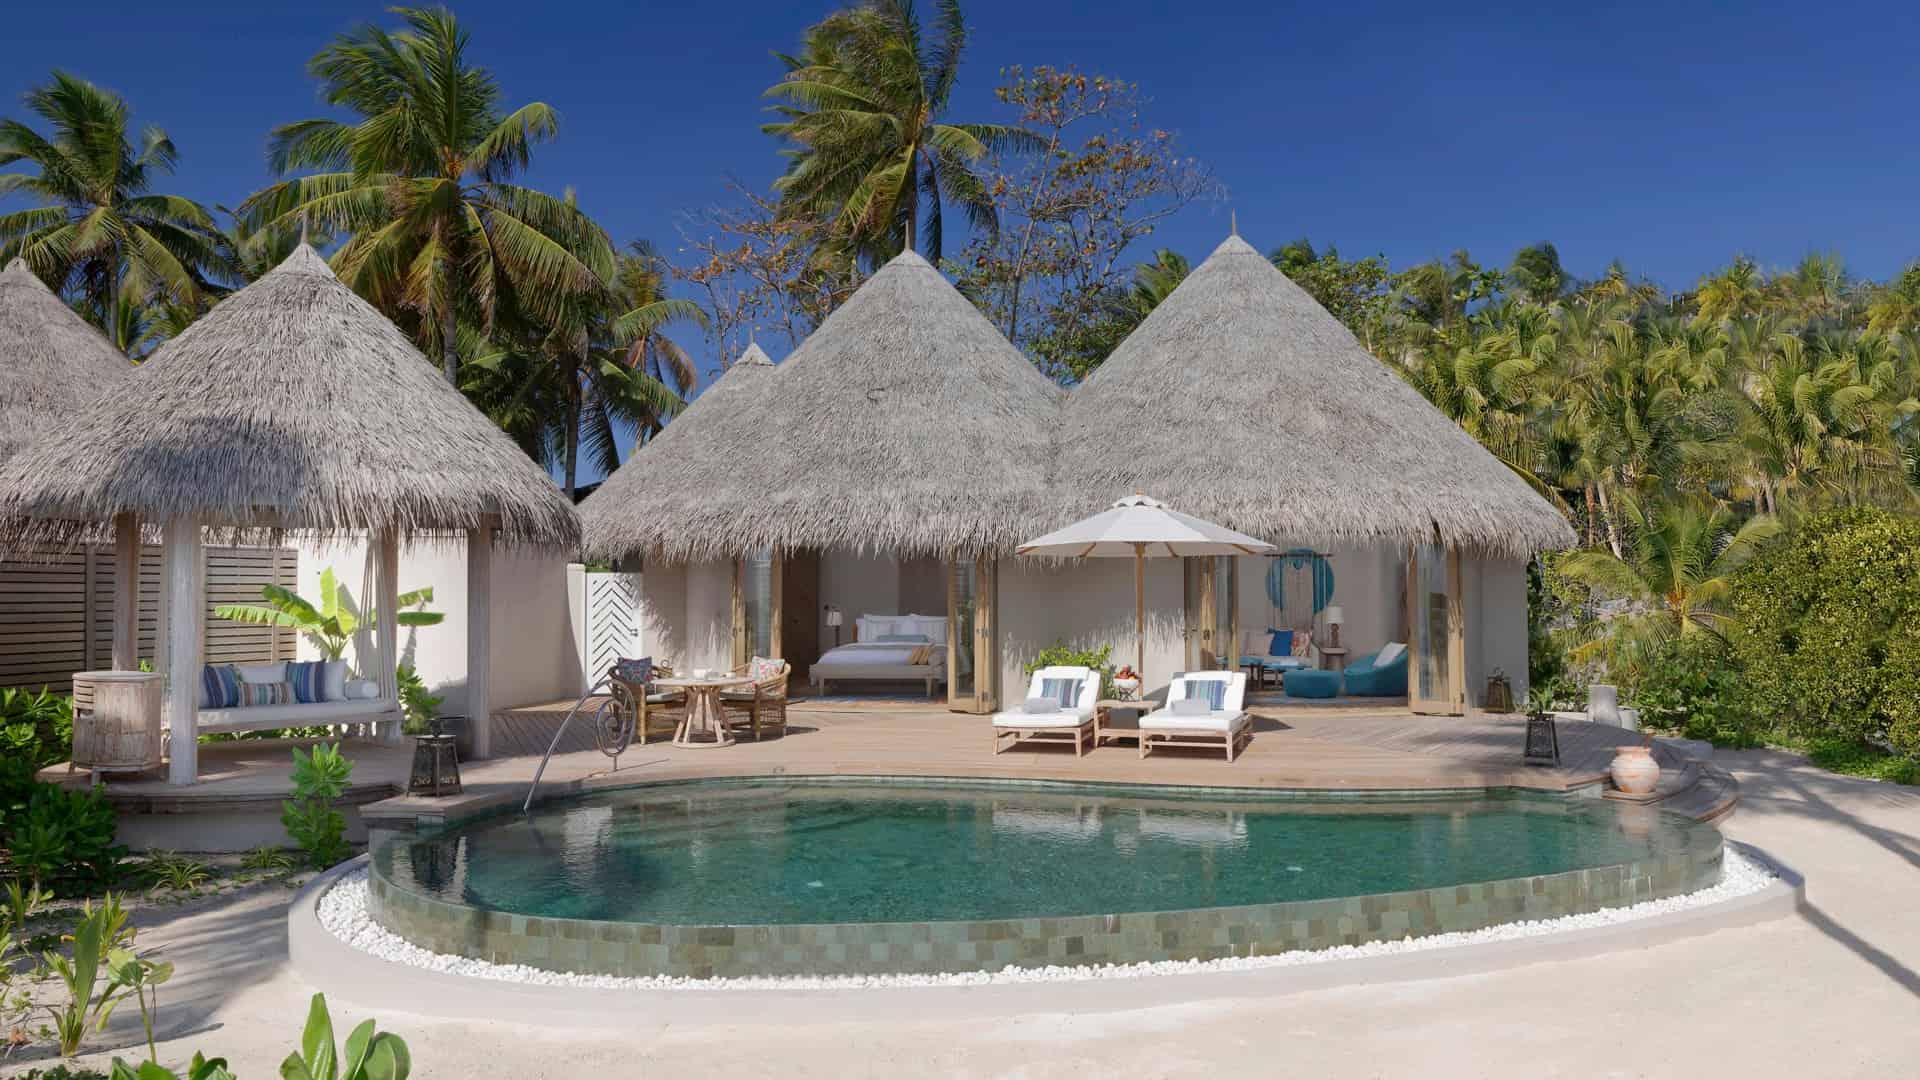 Resort Maldive The Nautilus Maldives beach villa